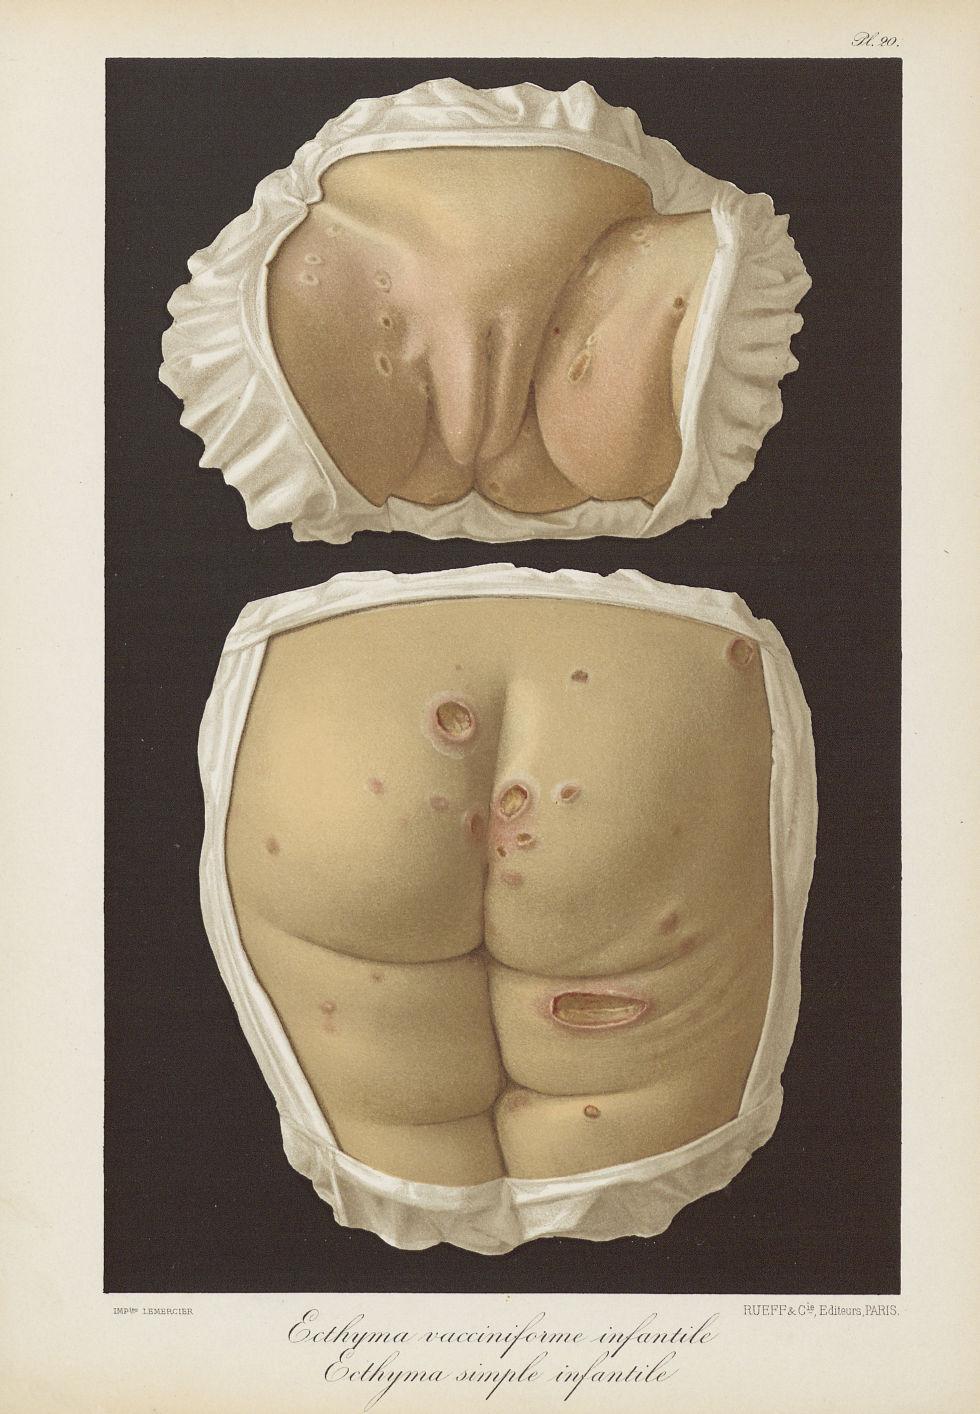 Ecthyma vacciniforme infantile. Ecthyma simple infantile - Le musée de l'hôpital Saint-Louis : icono [...] - Dermatologie (peau). Organes génitaux femelles. Fesses. 19e siècle (France) - med01740x0178